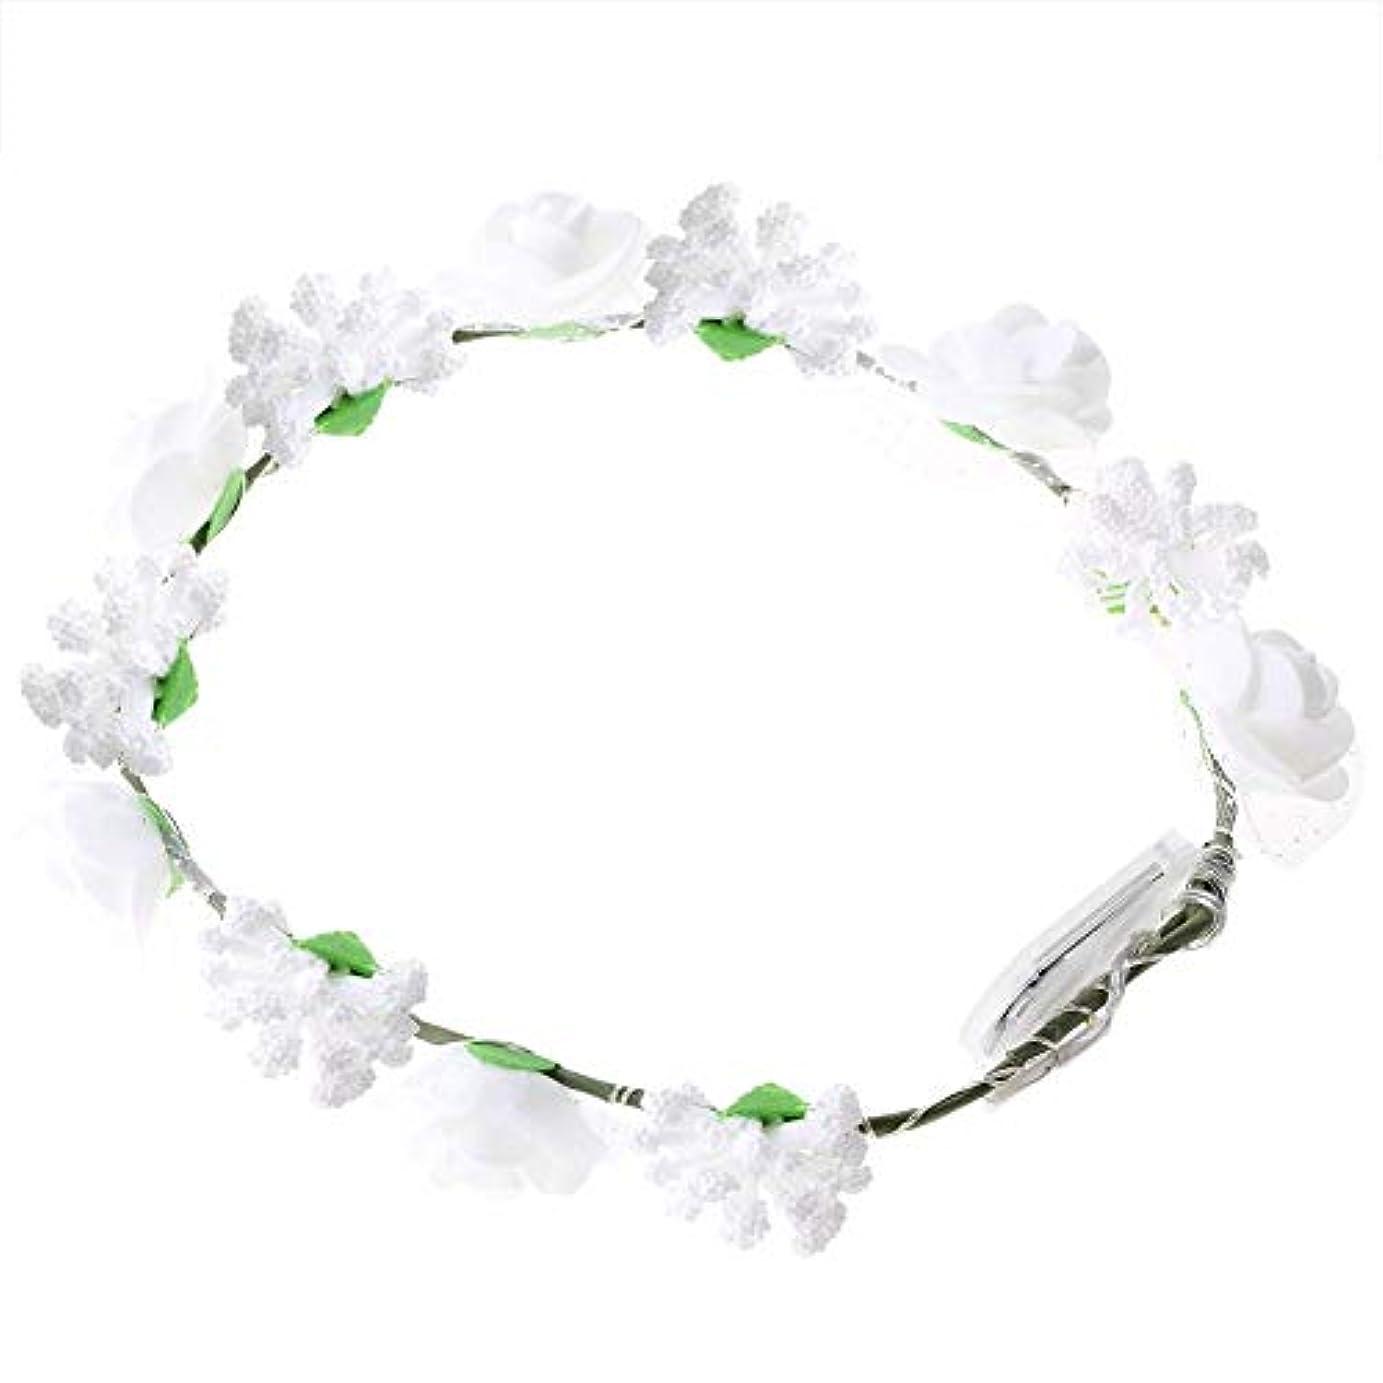 真っ逆さまパフ週間Semme LEDの花の王冠、照明髪の花輪耐久性のあるLEDローズ花ライト妖精照明髪の花輪ライトアップ花の冠(White)